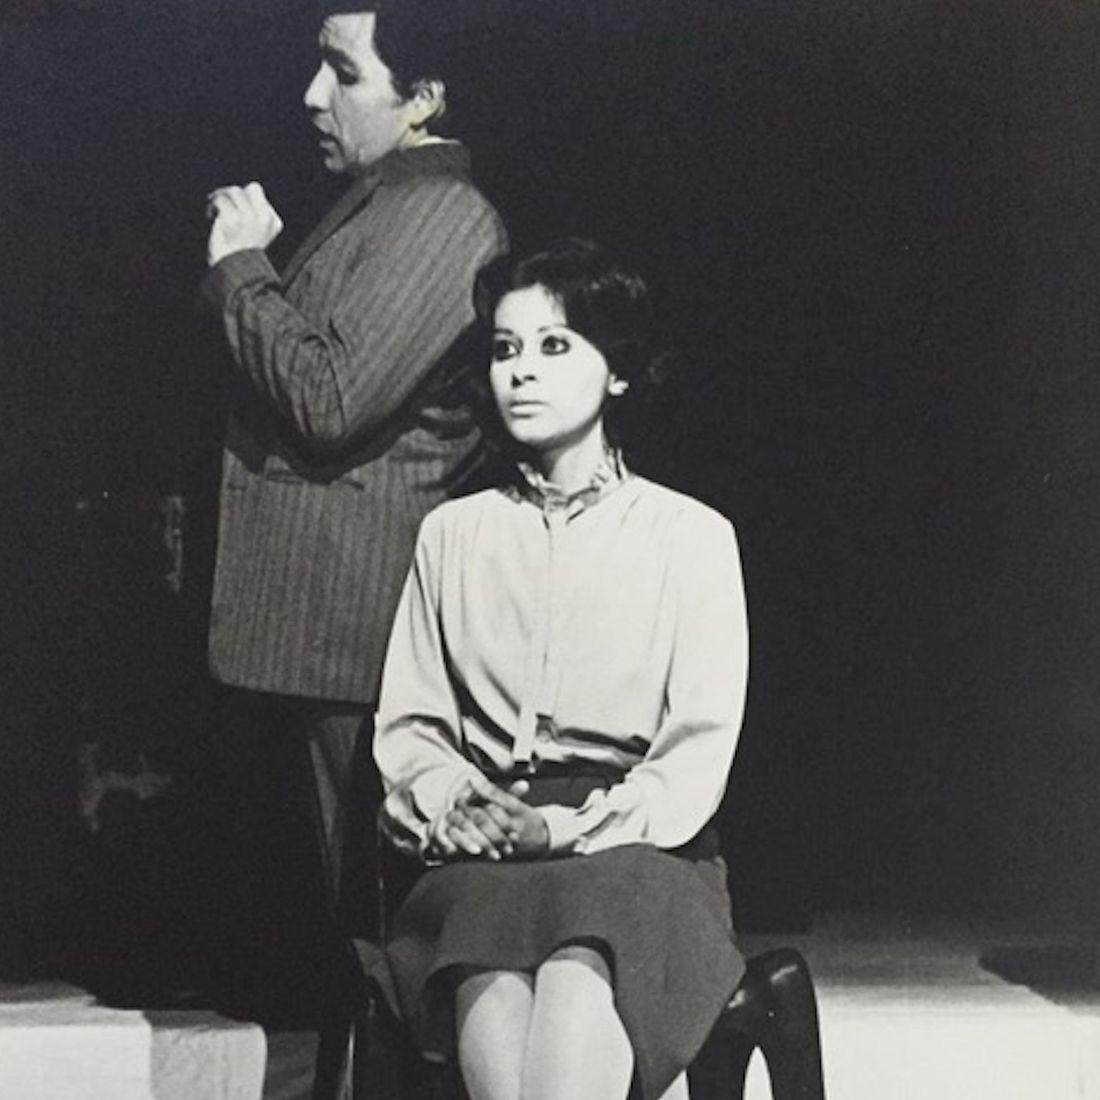 La autopsia by Enrique Buenaventura, directed by Gustavo Gac-Artigas, actors: Jaime Prat Corona and Priscilla Gac-Artigas